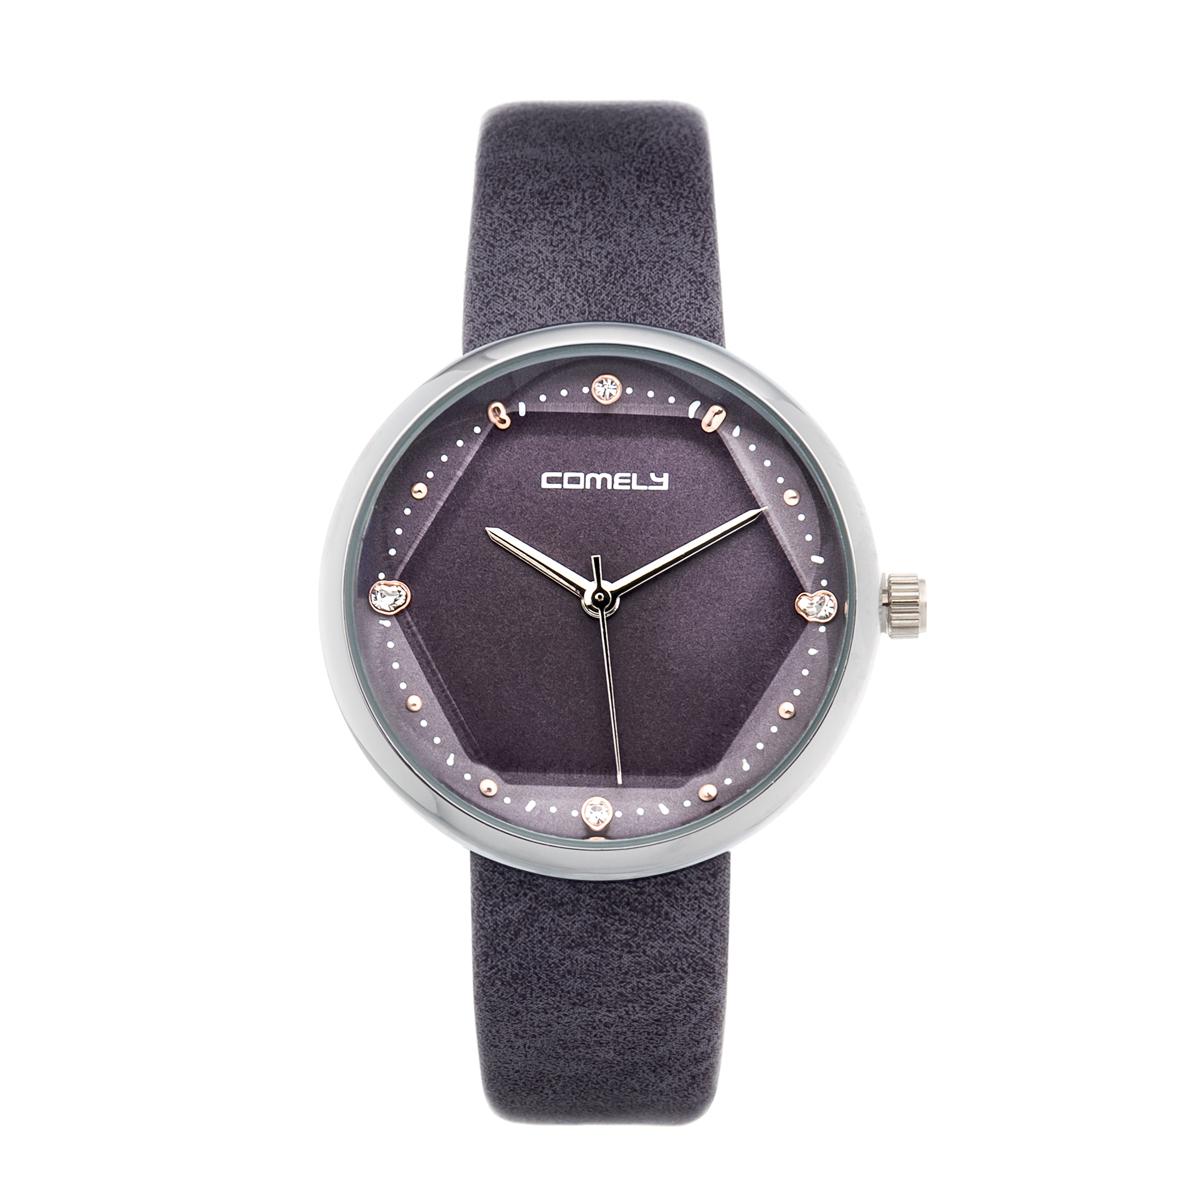 ساعت مچی زنانه کاملی کد W1066 15